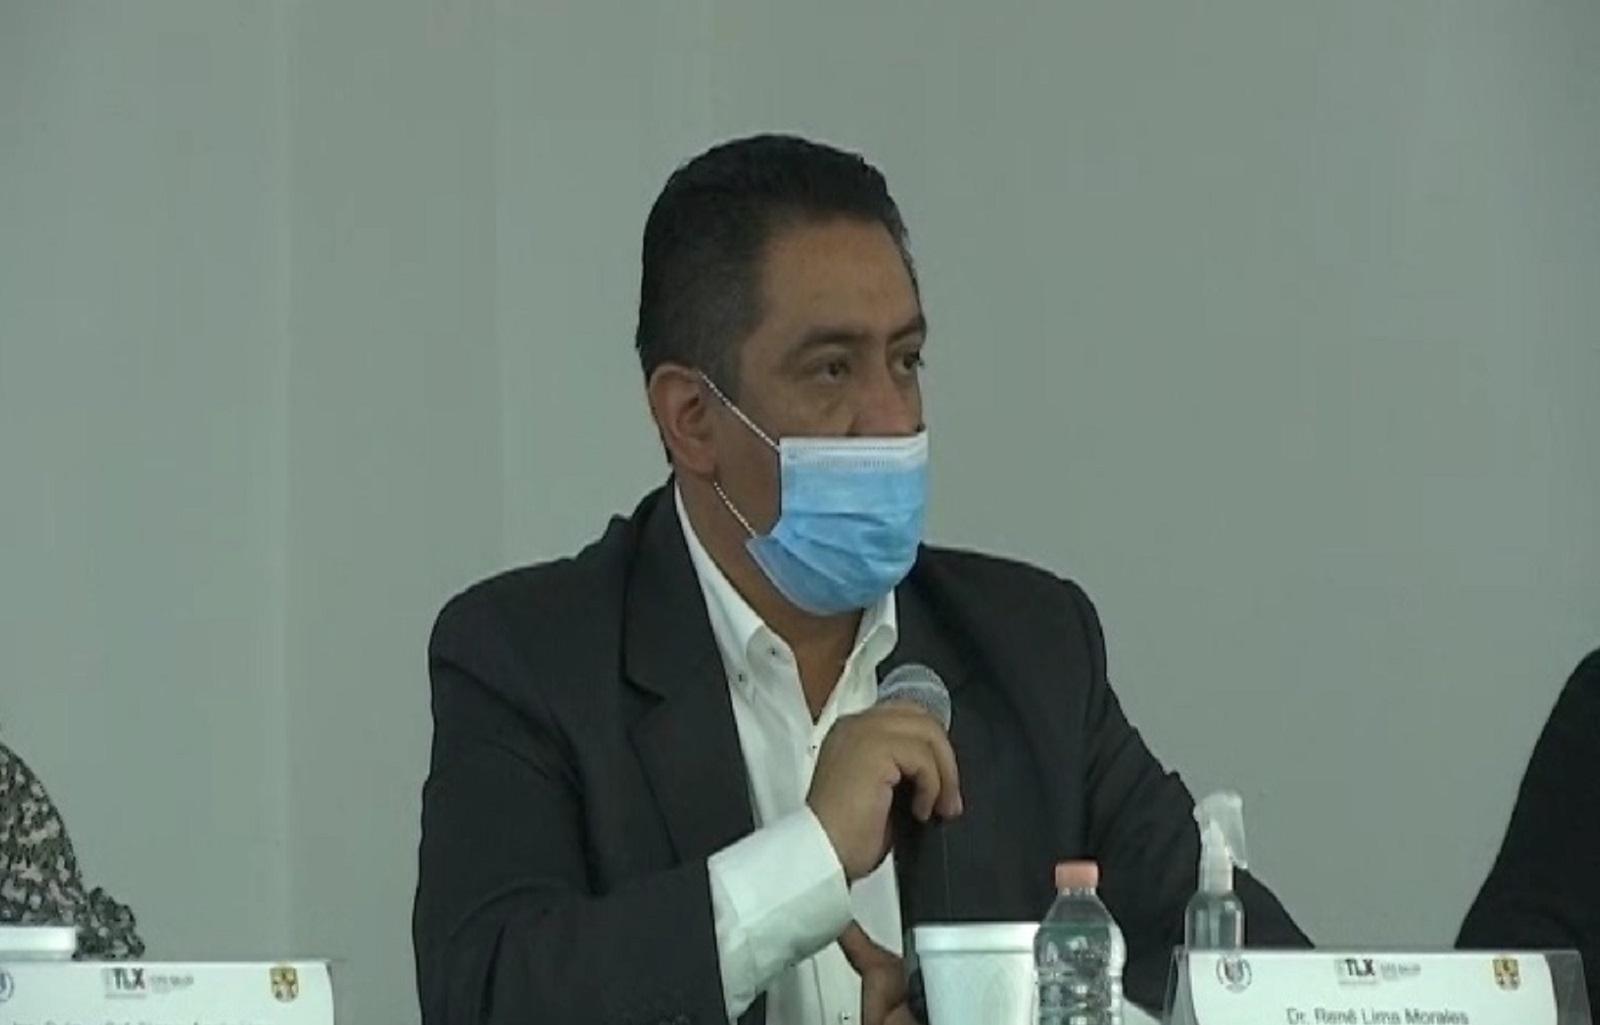 Desde Tlaxcala: Secretaría de Salud capacita a personal de enfermería para protegerse contra el Covid19